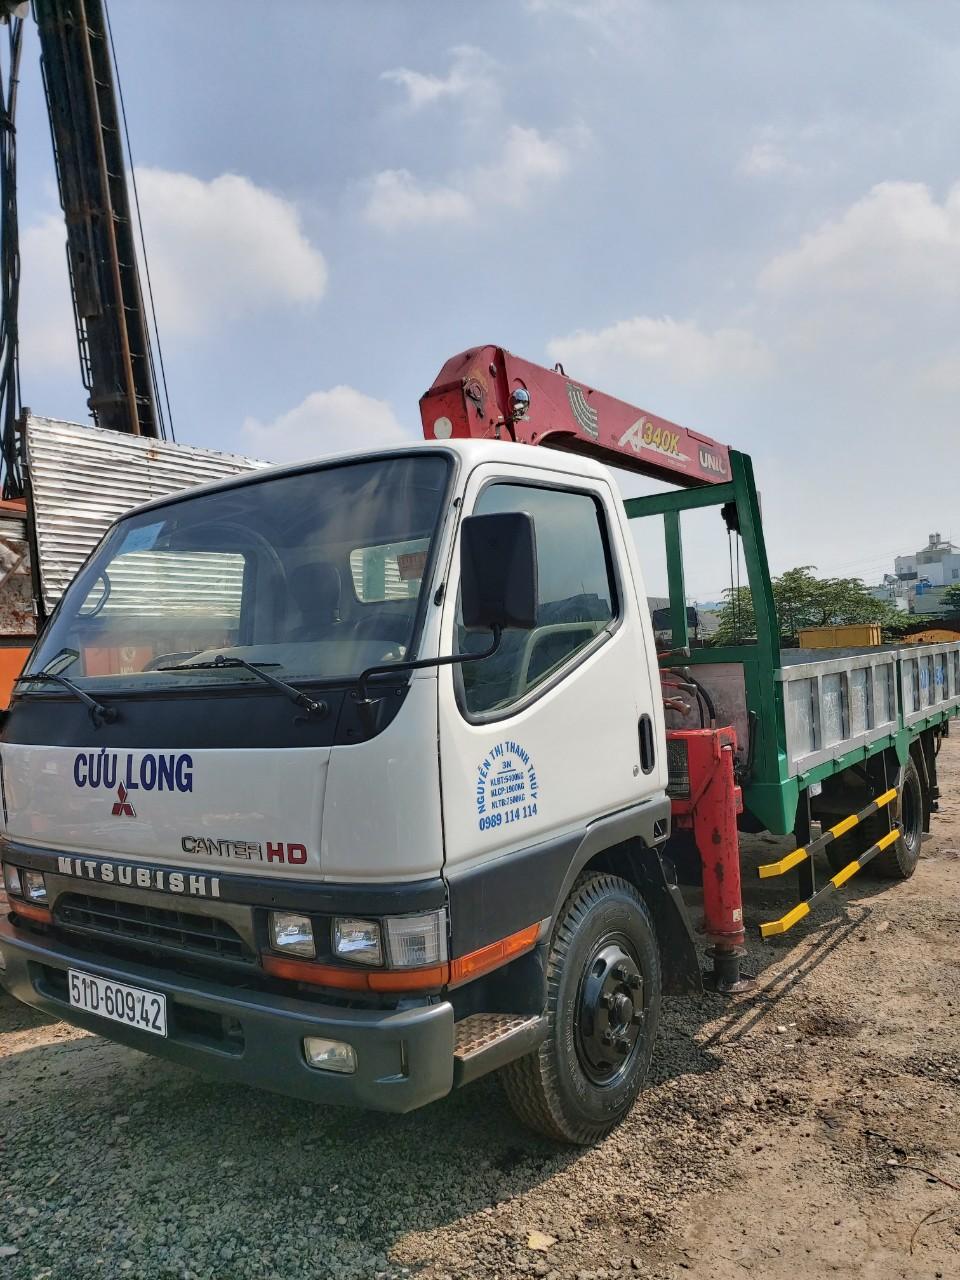 Chuyên dịch vụ cho thuê xe cẩu - xe cẩu tải - xe cẩu bánh xích tại khu vực nội thành tphcm và các tỉnh thành lân cận